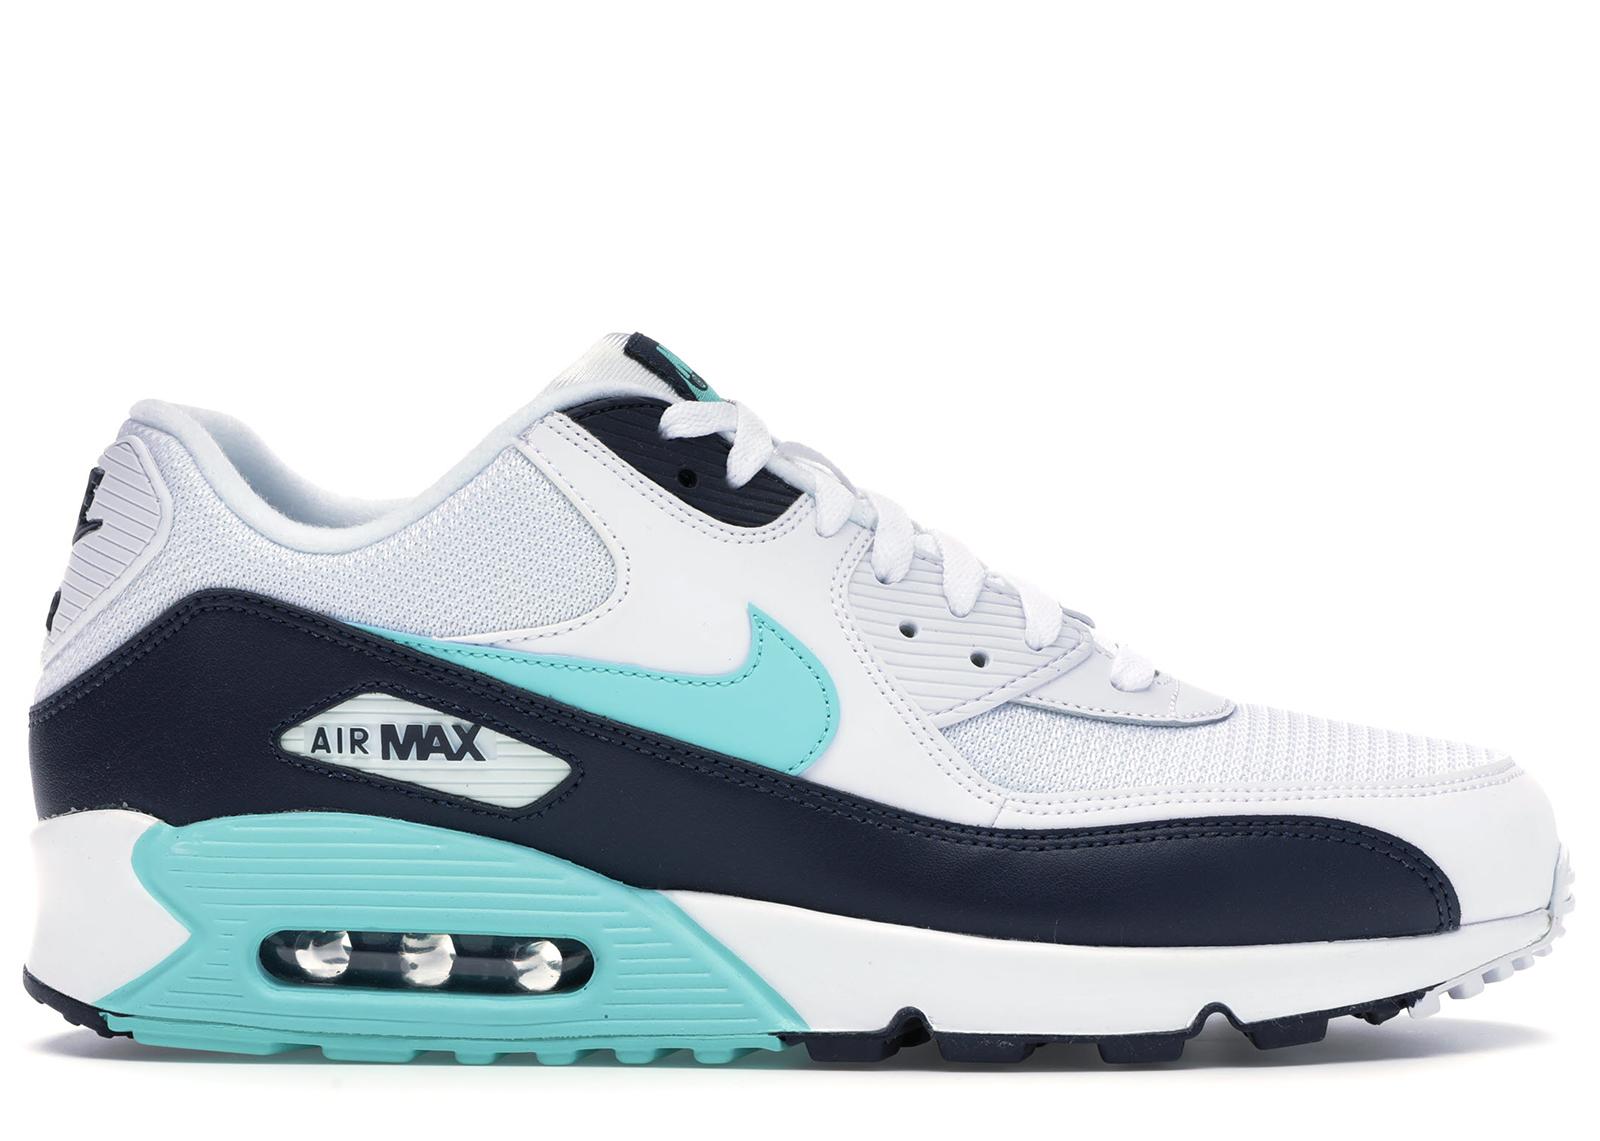 Nike Air Max 90 Aurora